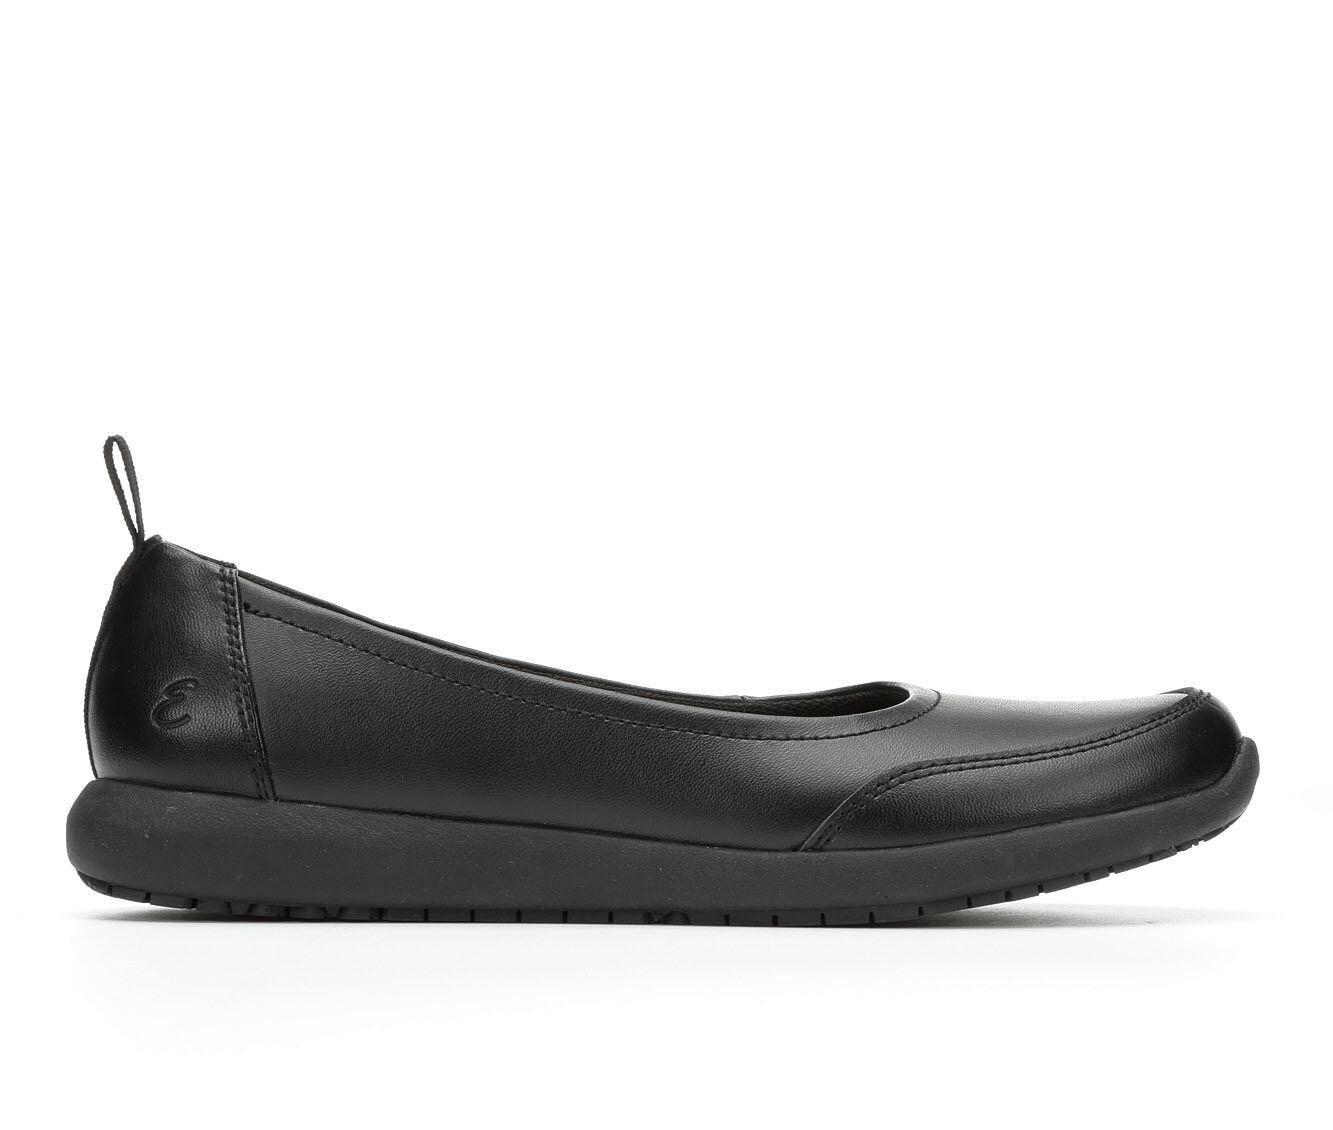 Emeril Lagasse Footwear Julia Ballet Flat (Women's) 4F2099oTT